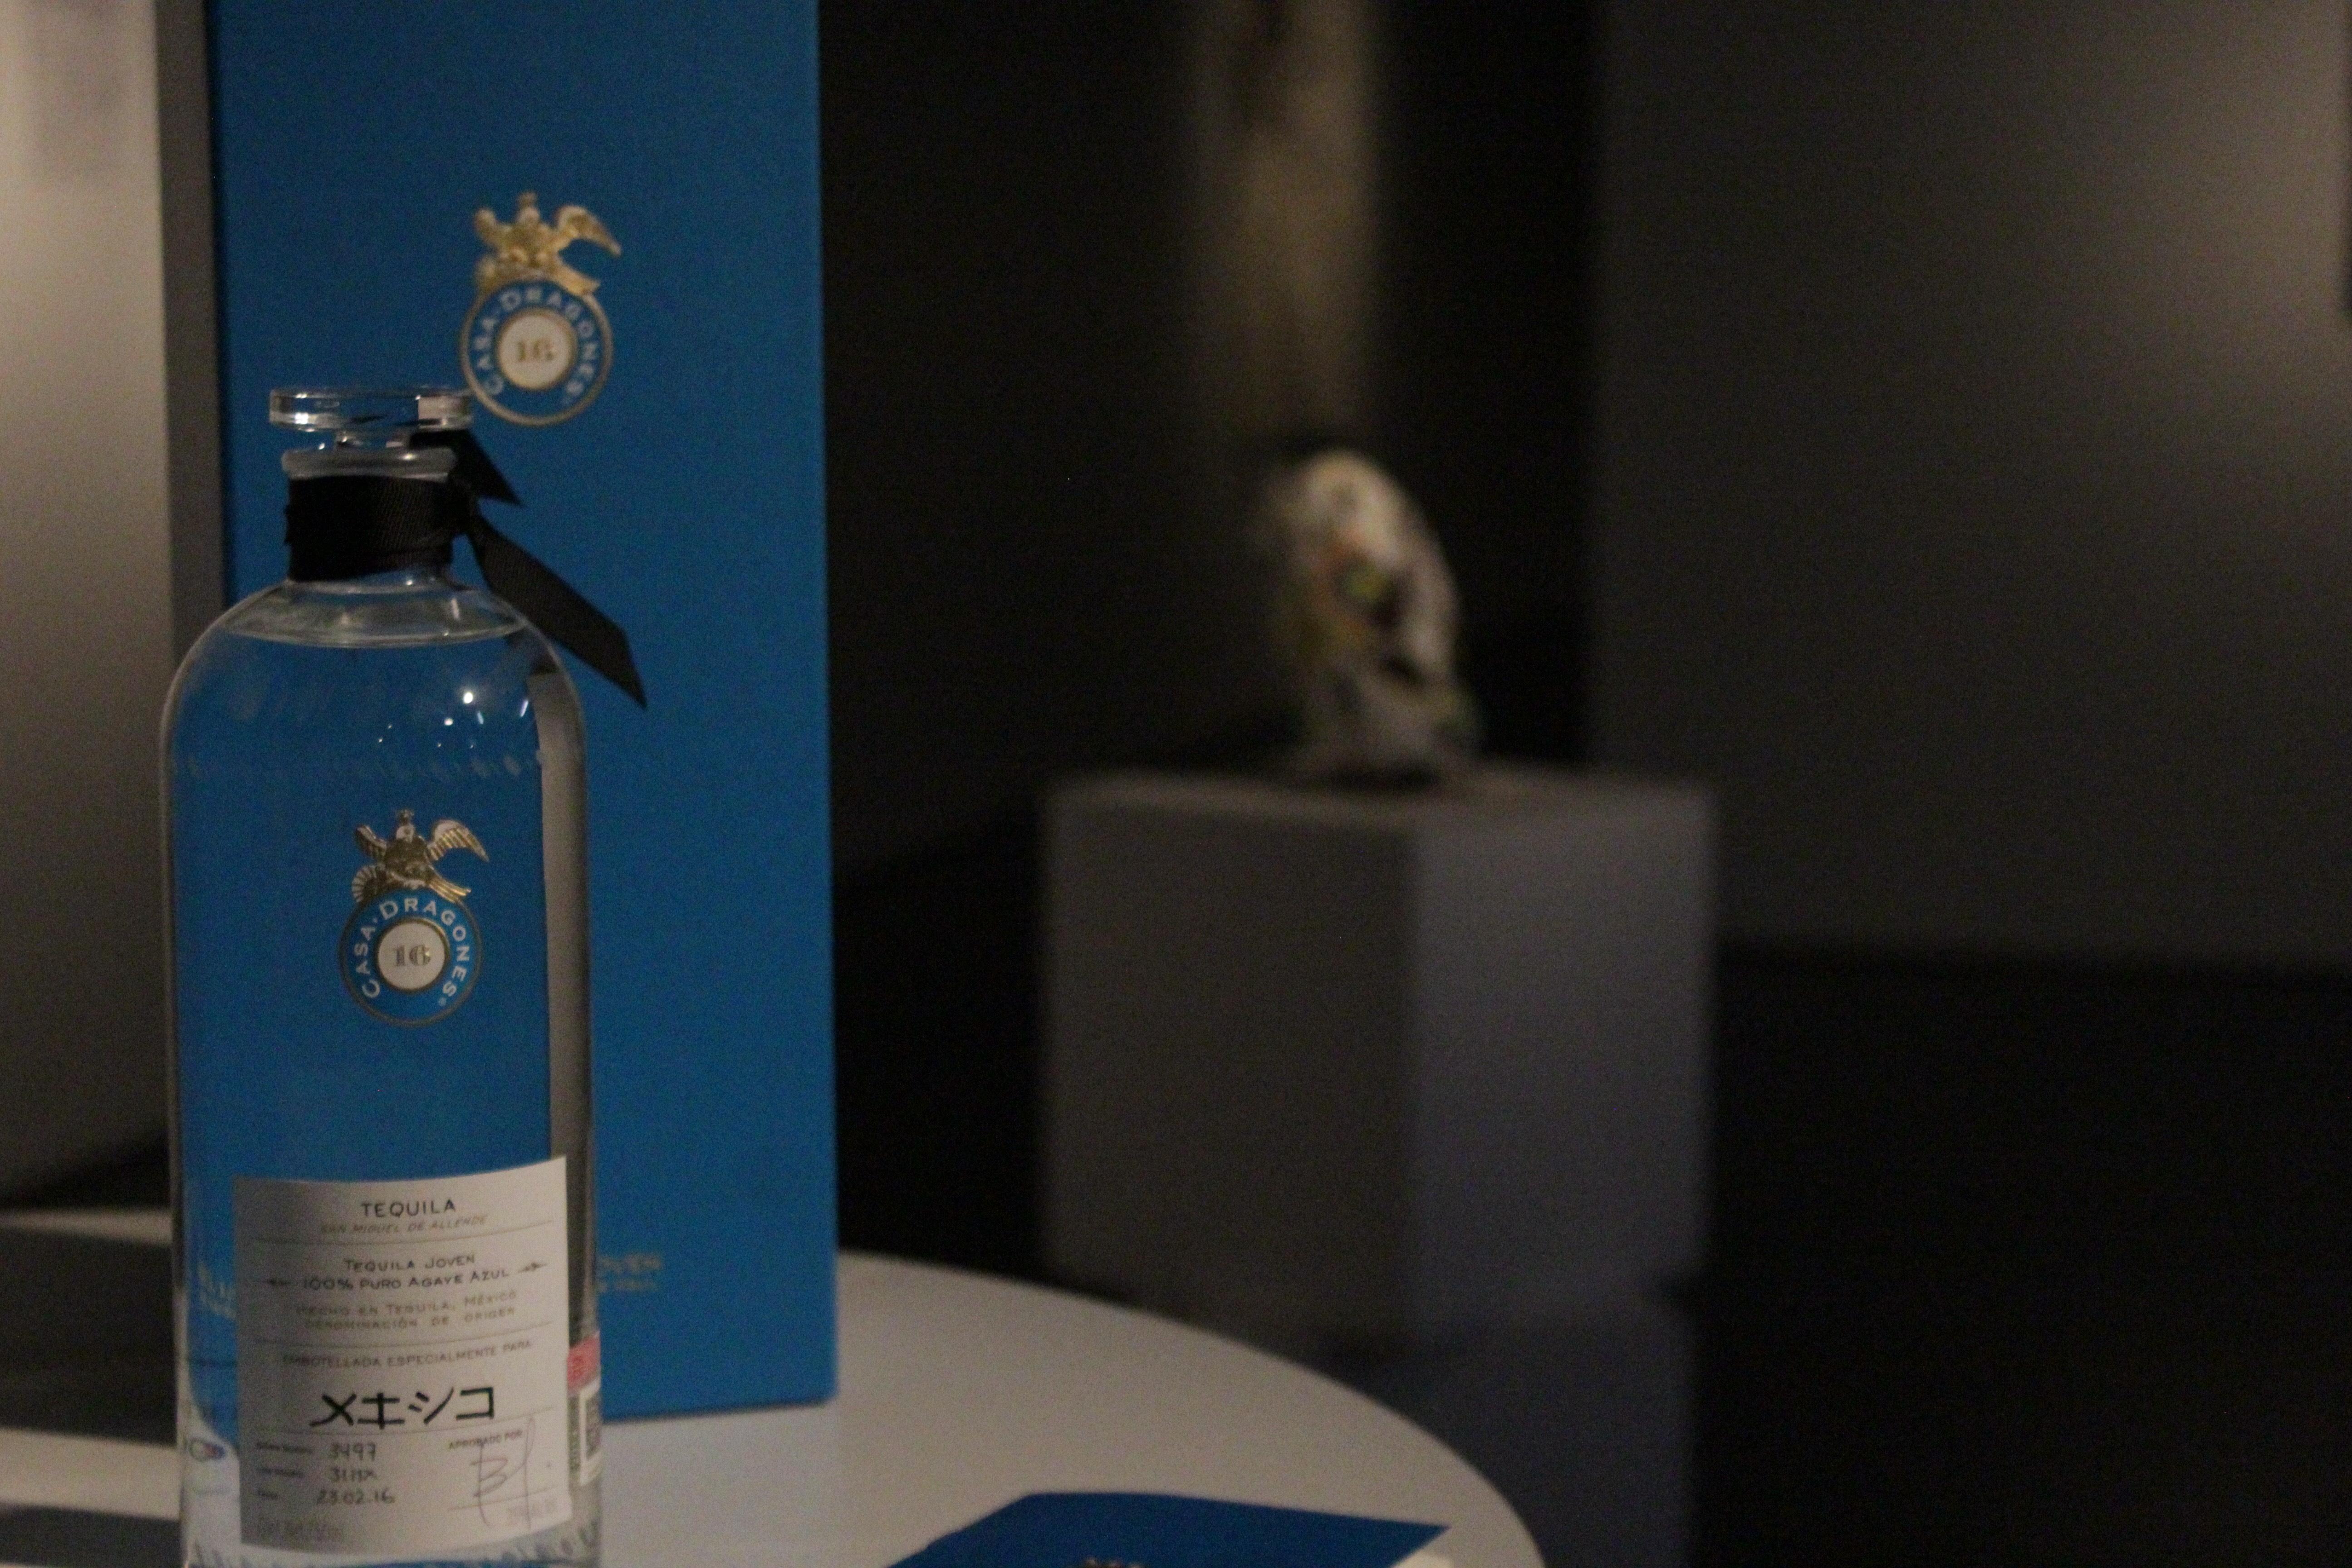 Galería de Arte de la Embajada de México Exhibit in Tokyo